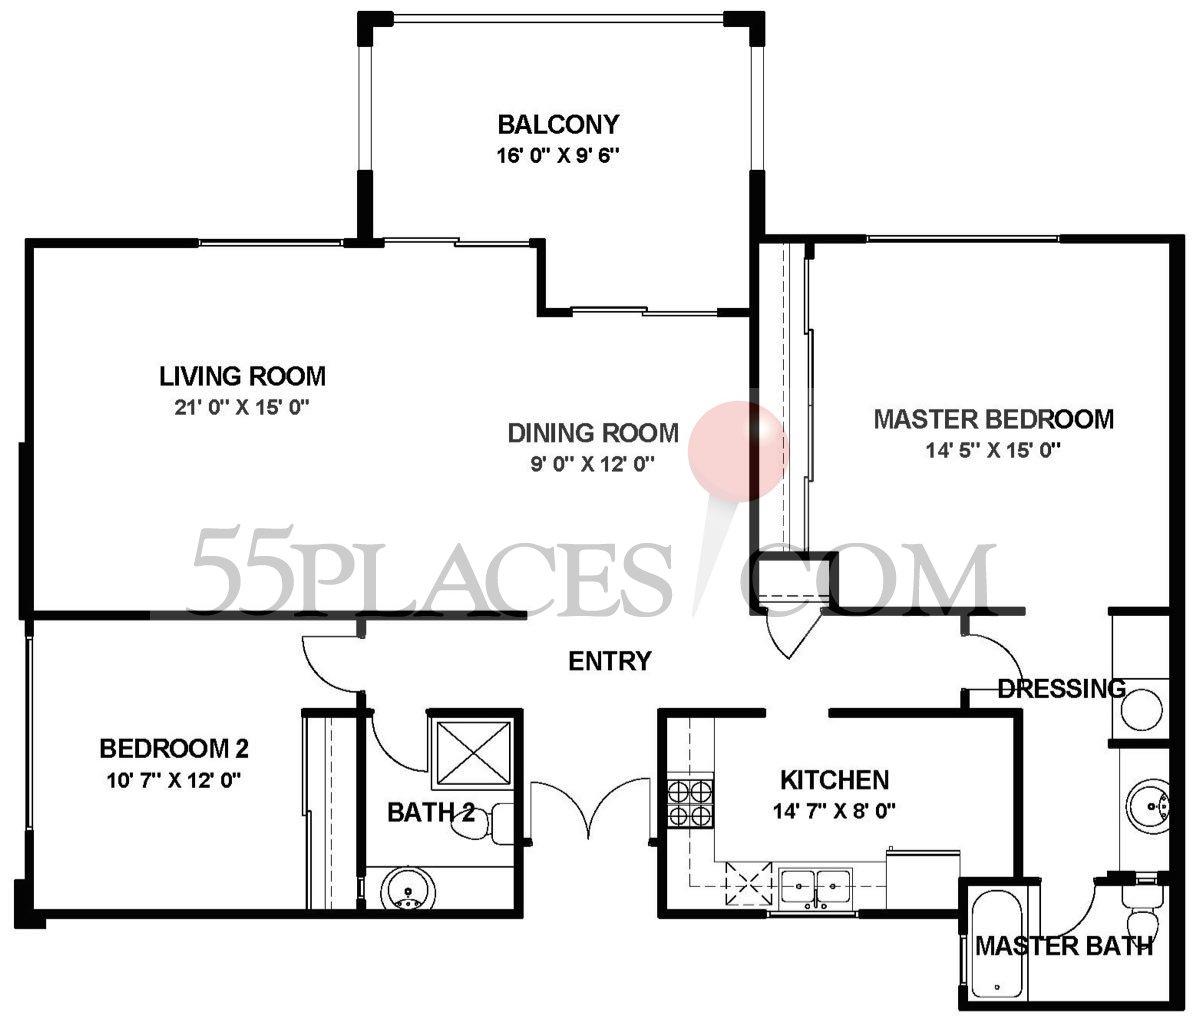 El Mirador Floorplan | 1260 Sq. Ft | Laguna Woods Village | 55places.com